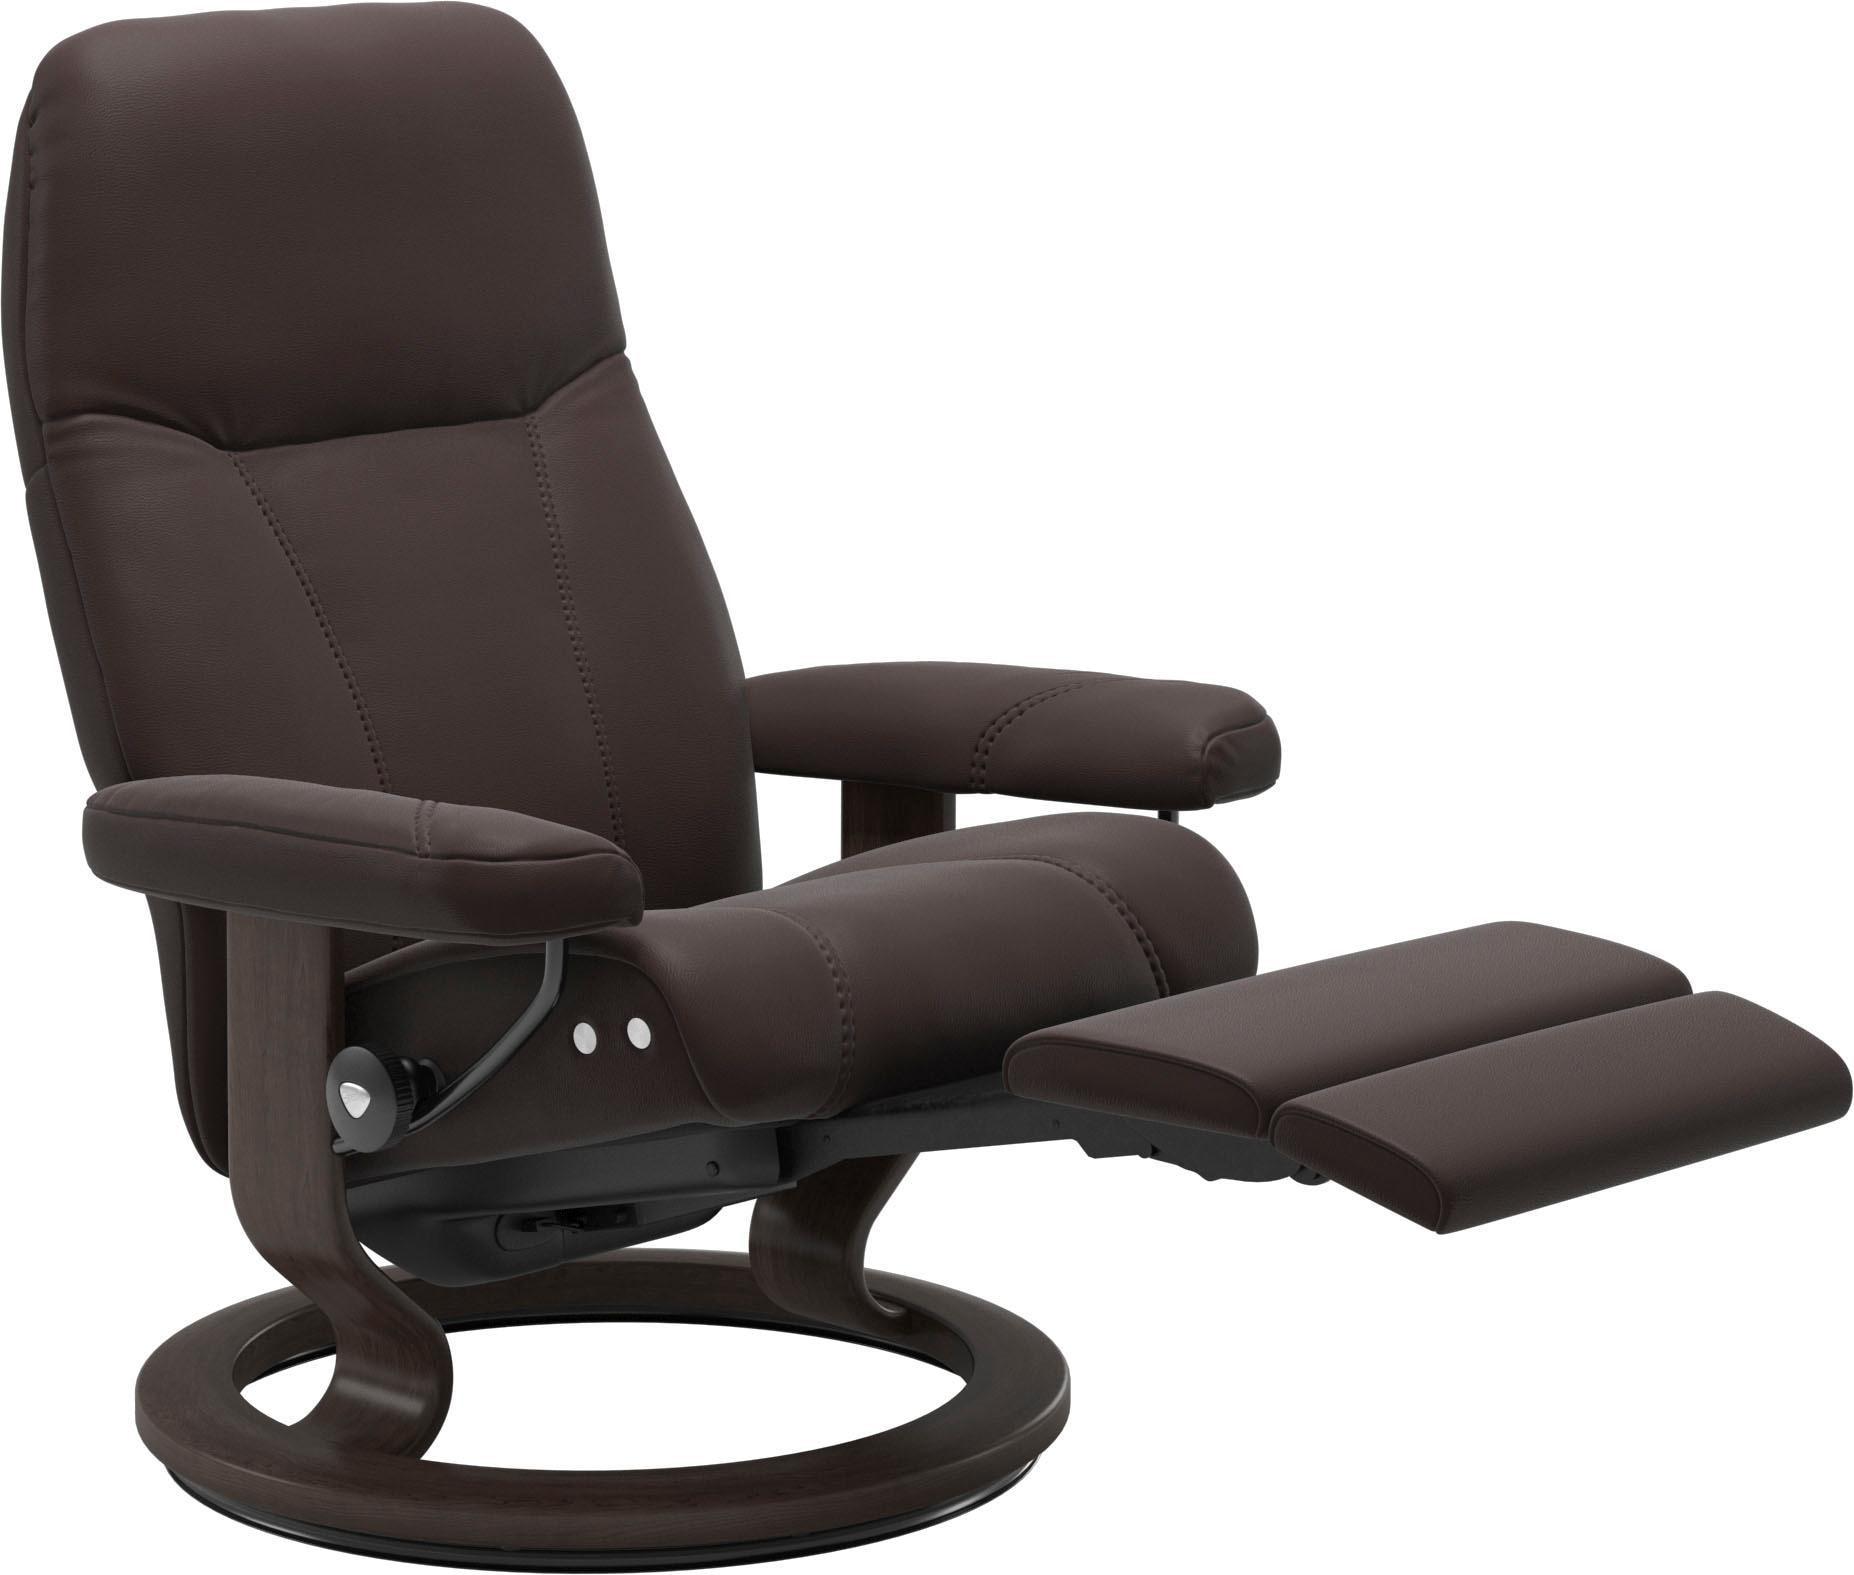 Stressless Relaxsessel Consul mit Classic Base und LegComfort? Größe L Gestell Wenge